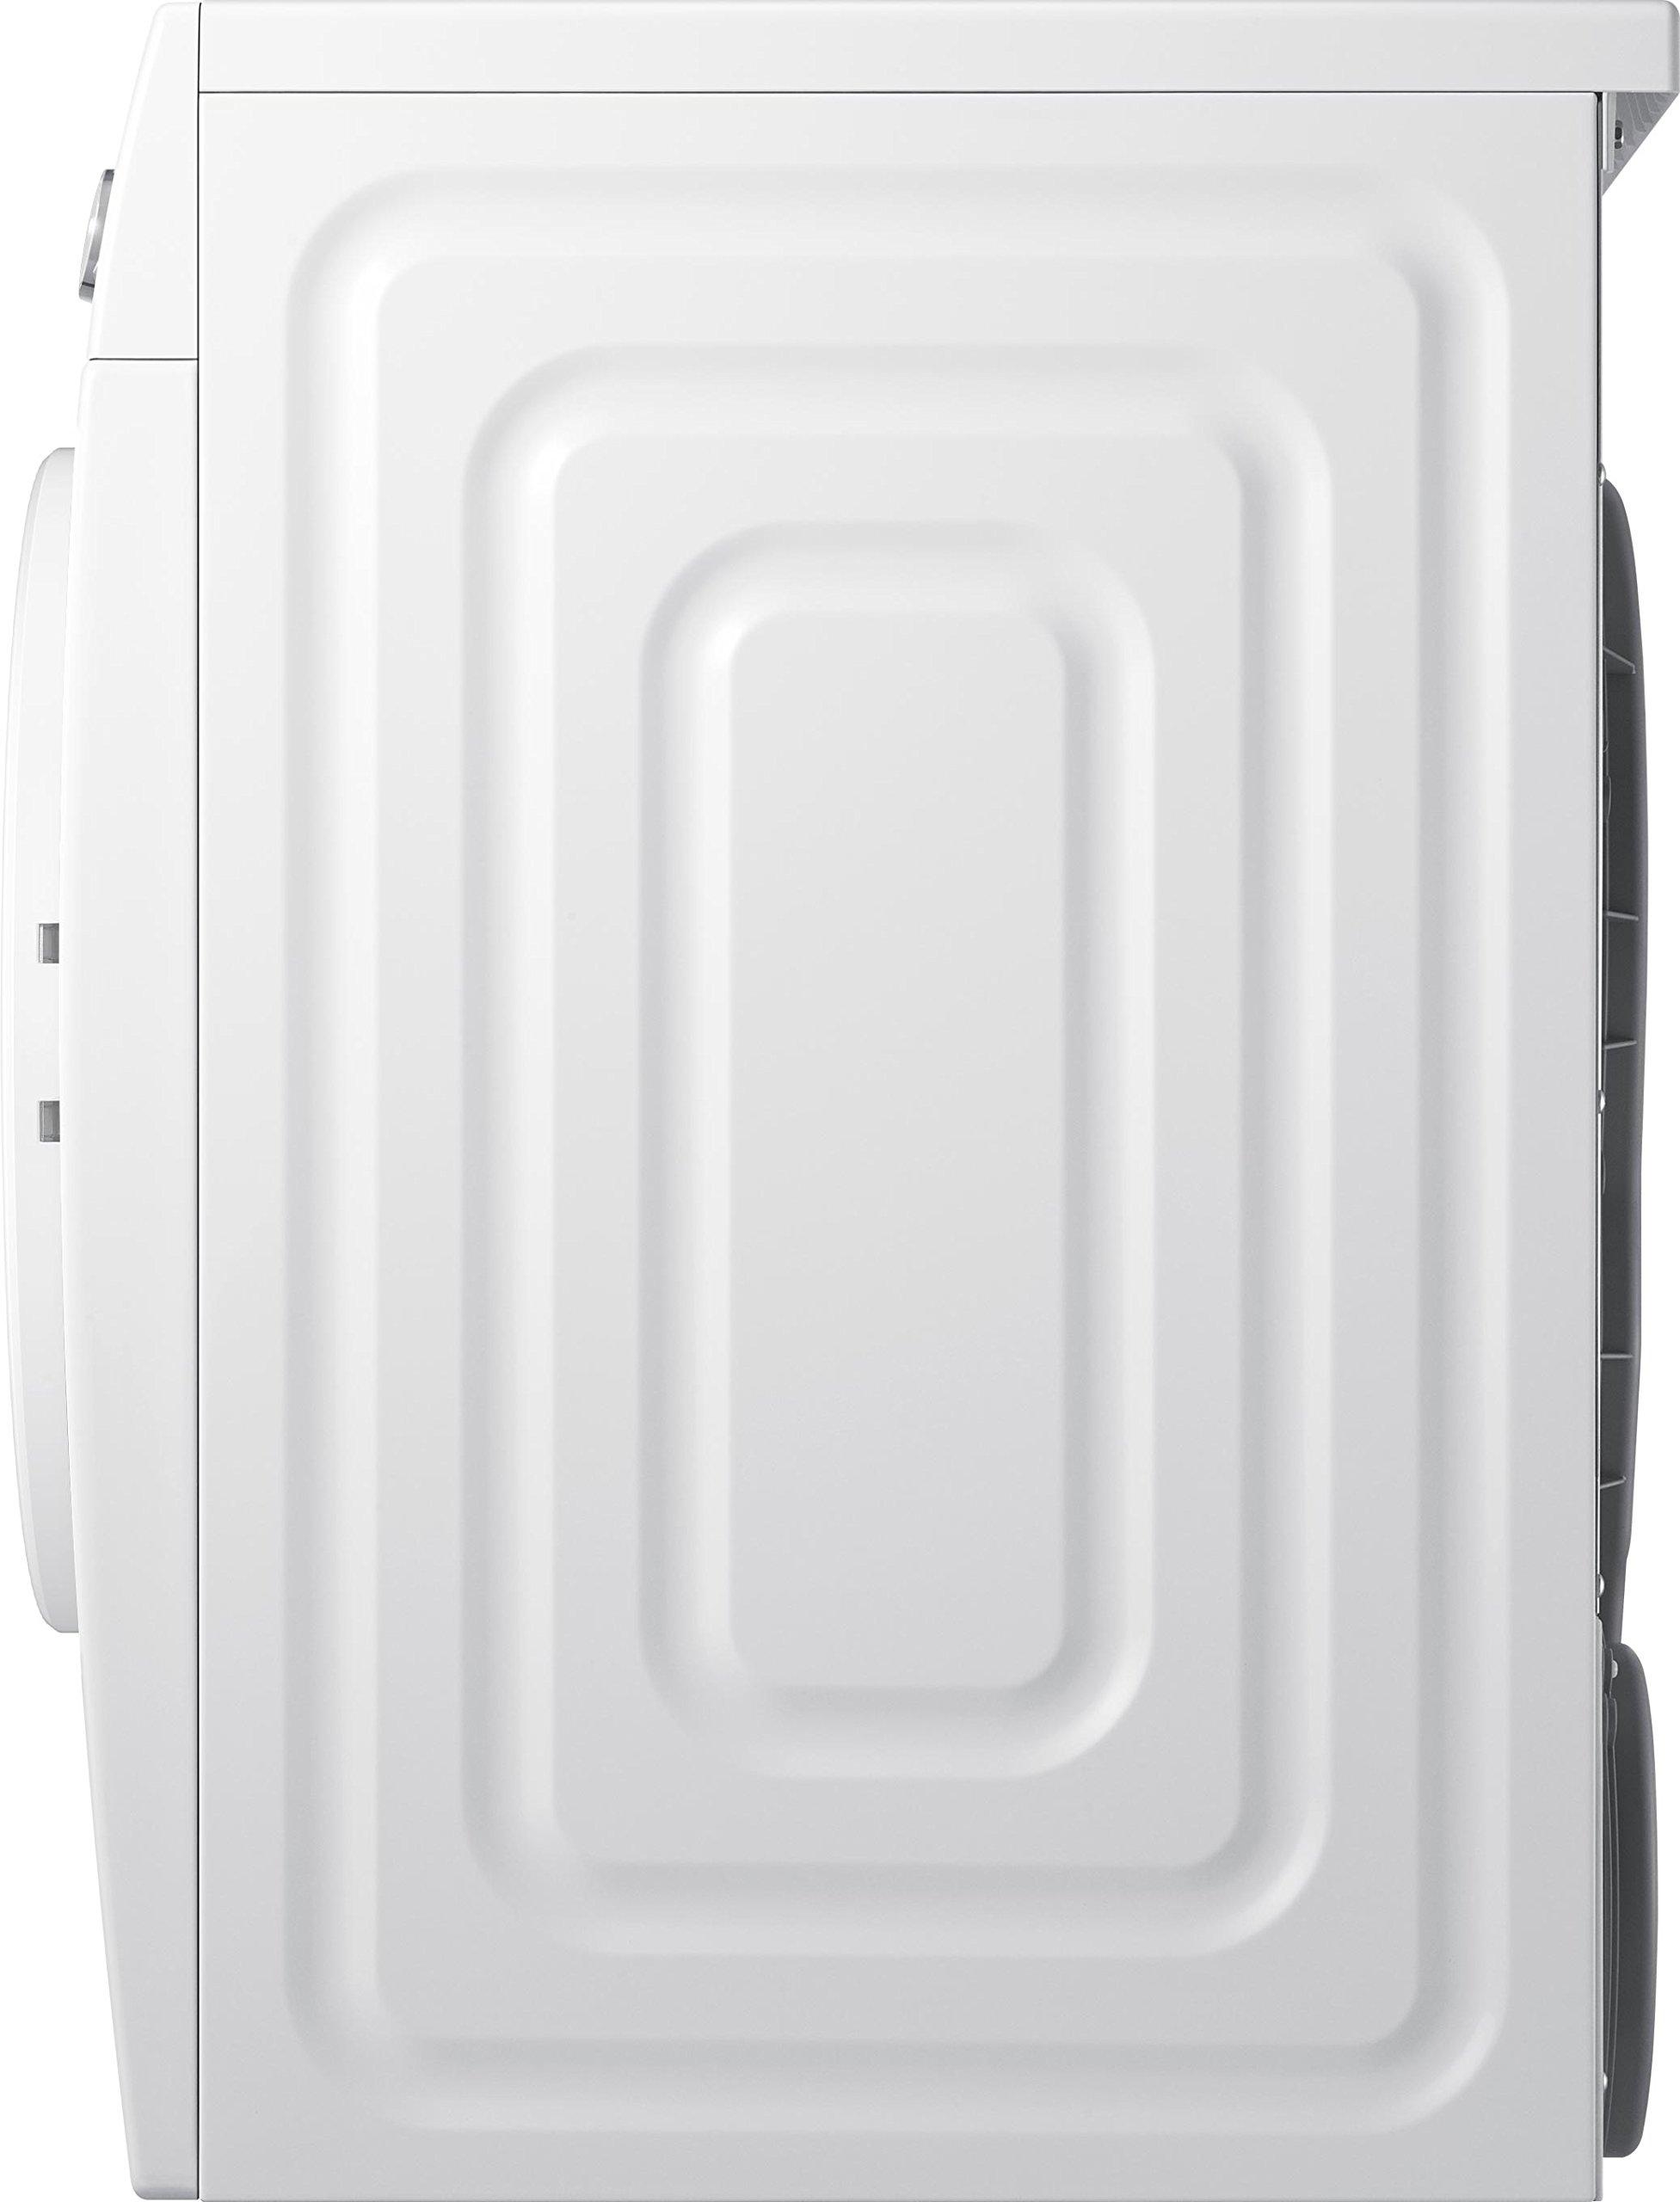 Samsung-DV80M5210IWEG-Wrmepumpentrockner-8kg-60-cm-HheKondenswasserstandsanzeigeKurzprogrammAlarm-MischbeladungSmartCheck